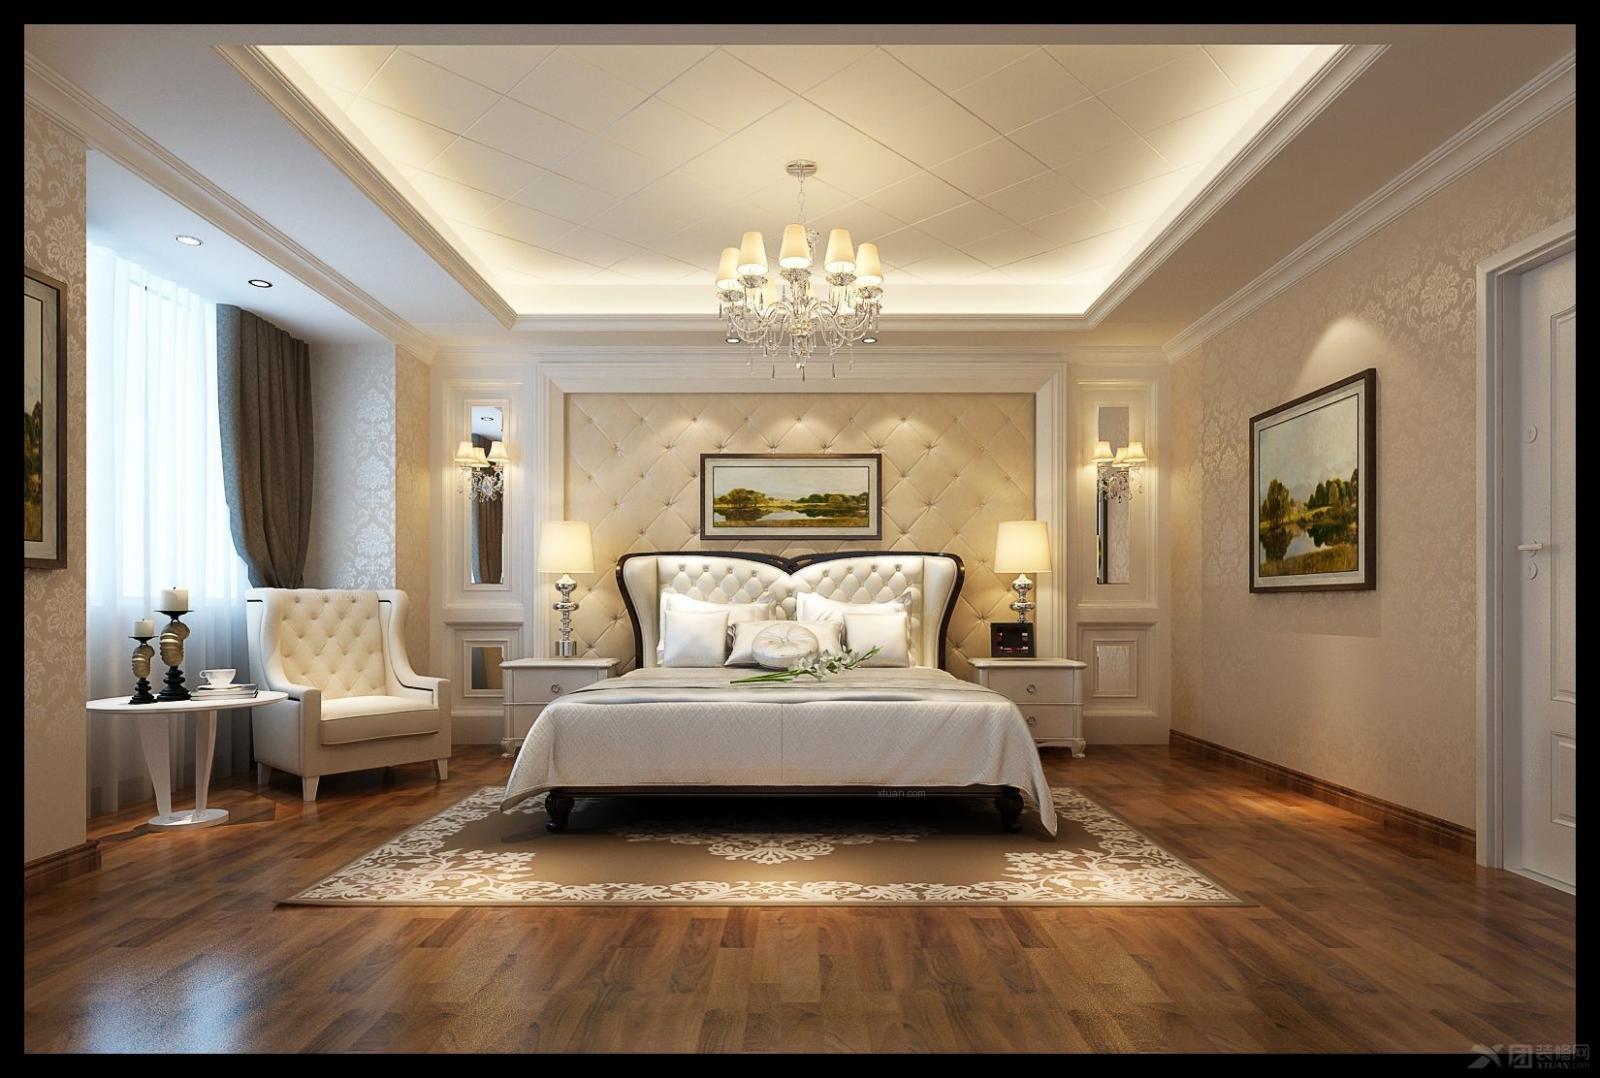 复式楼简欧风格主卧室图片